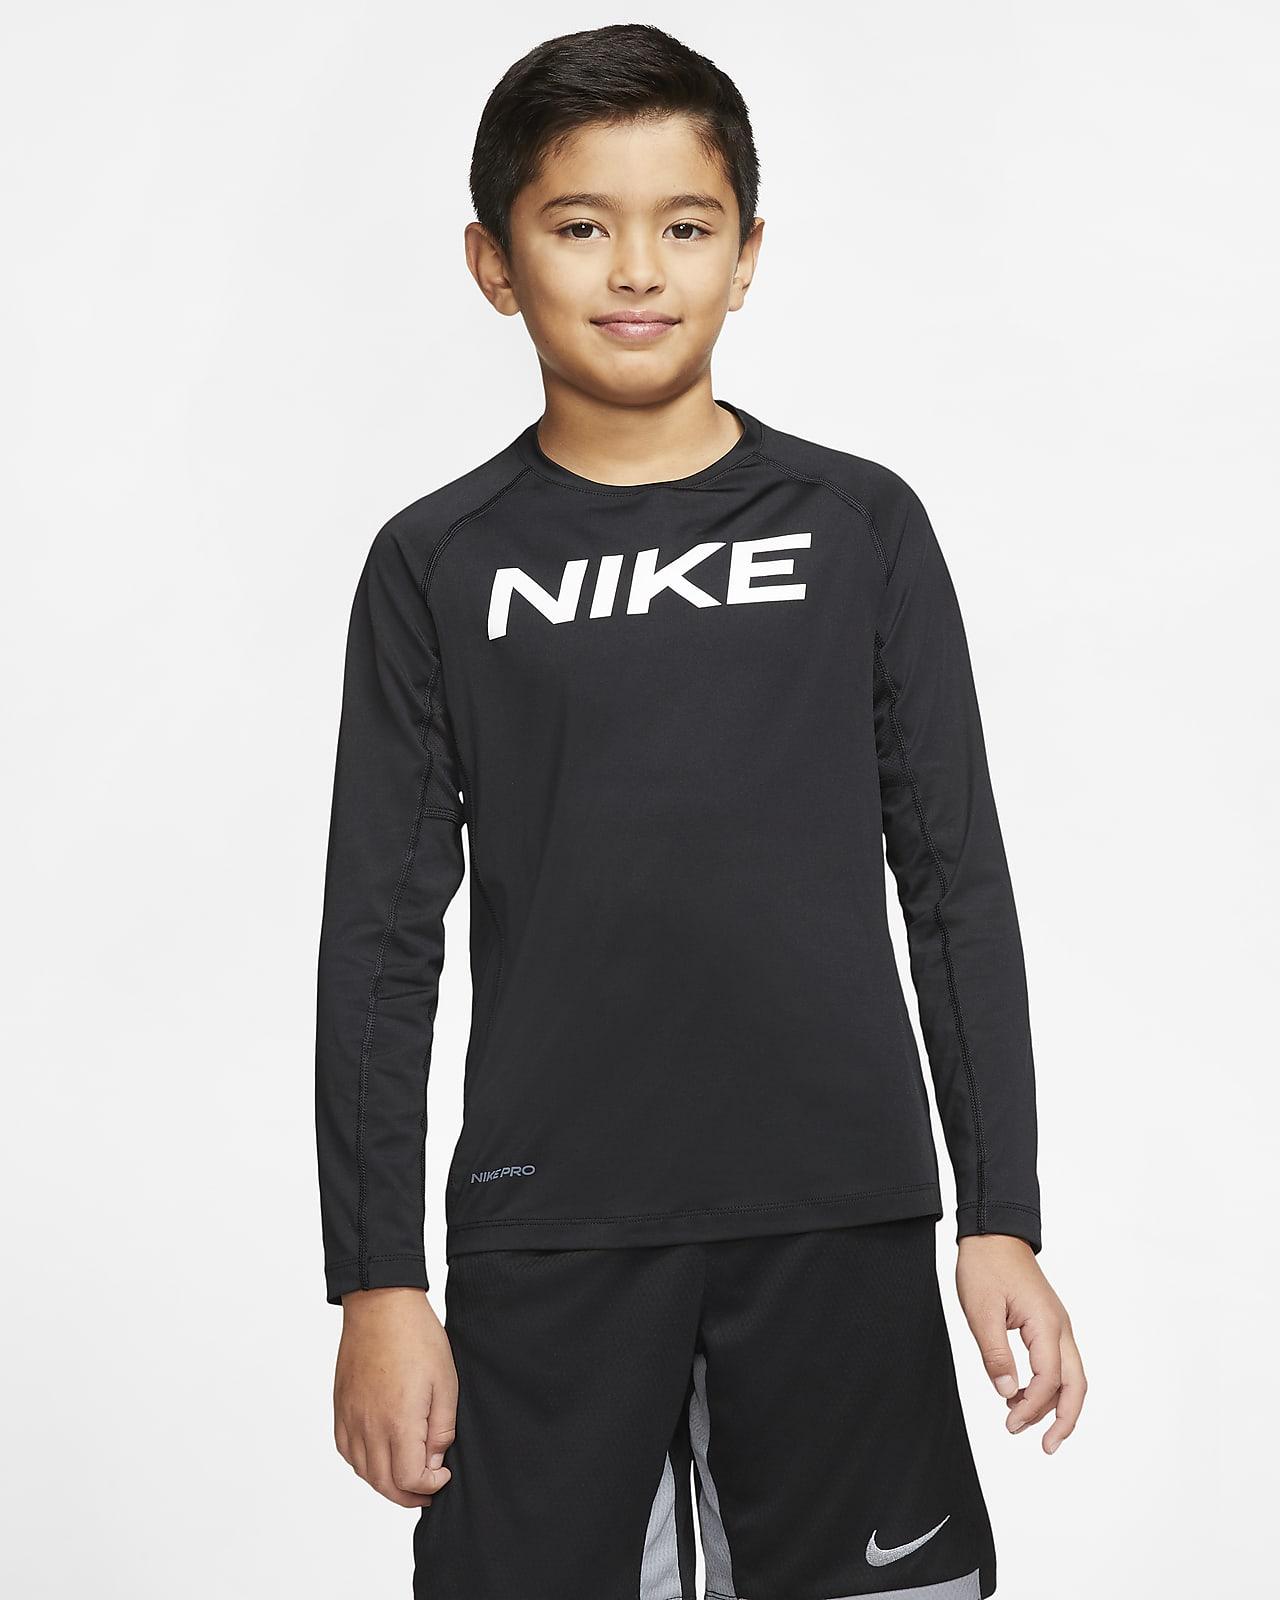 Μακρυμάνικη μπλούζα προπόνησης Nike Pro για μεγάλα αγόρια